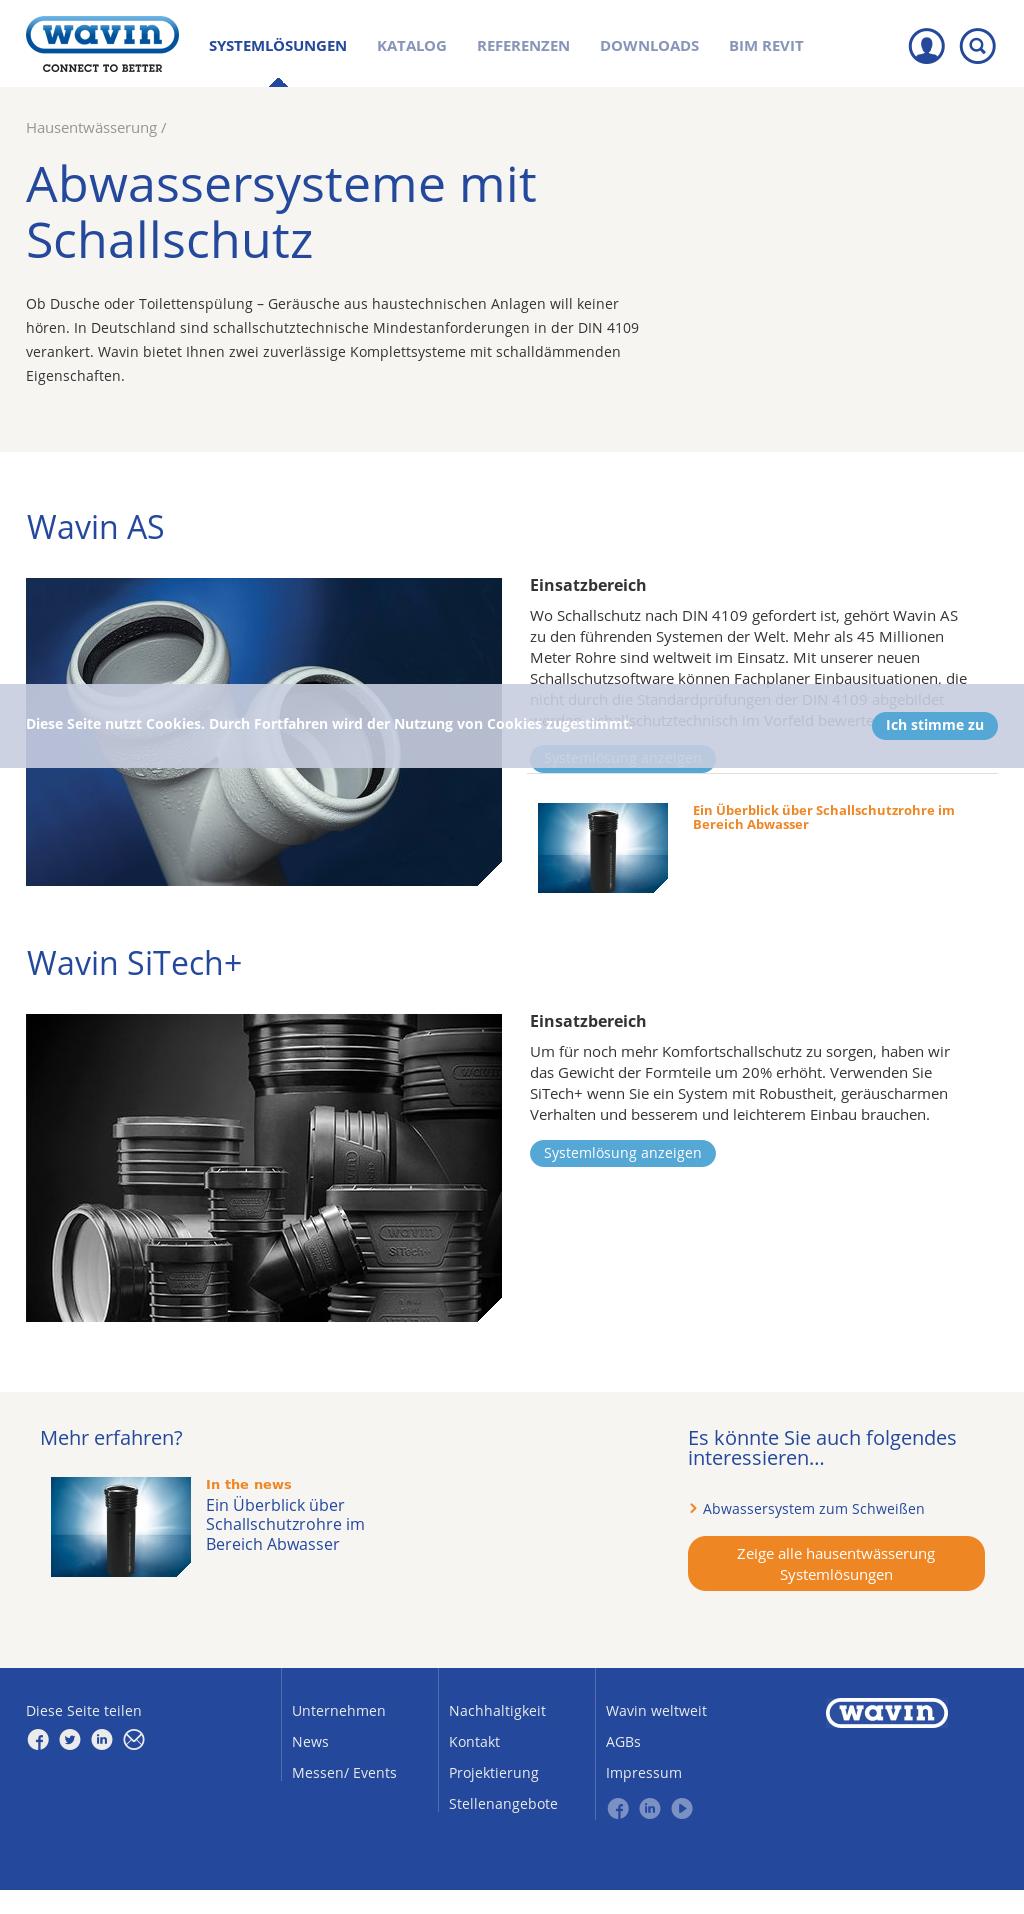 Wavin Schallschutzrohr Competitors, Revenue and Employees